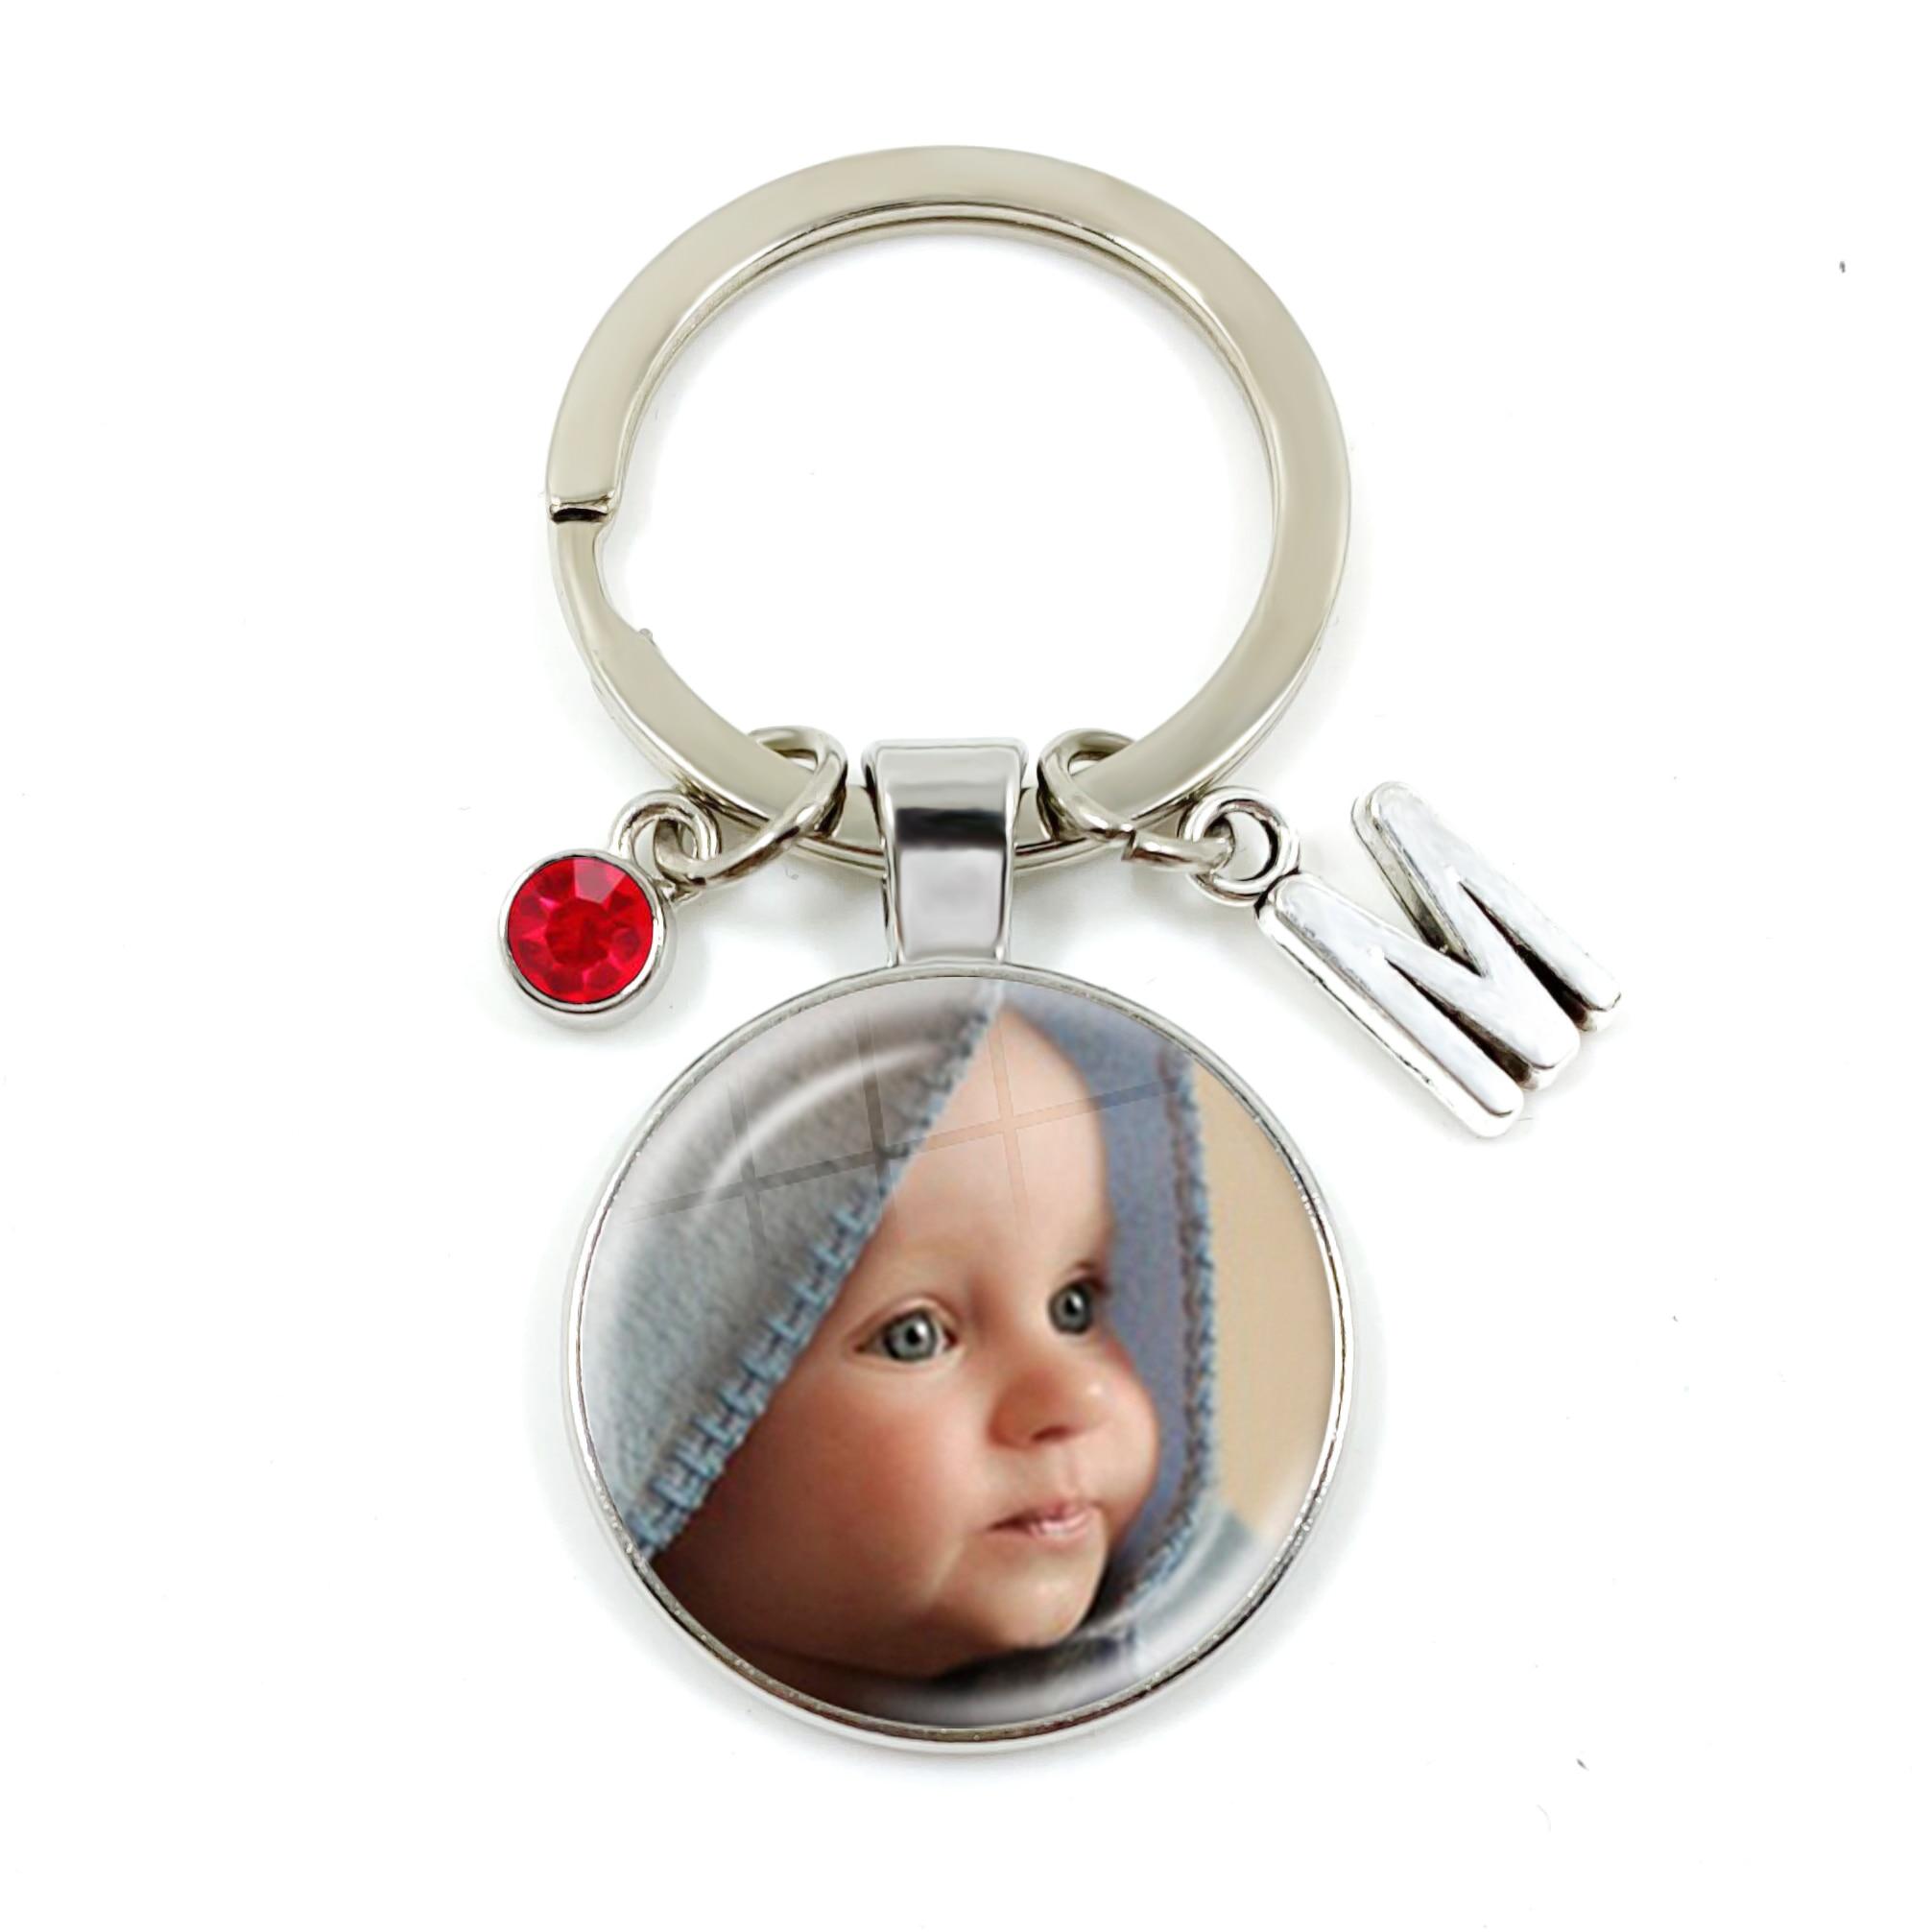 При индивидуальном заказе брелок камень 26 букв фото, одежда для мамы, папы, дочери или сына, детские, для малышей толстый родителей кулон брелок для ключей подарок